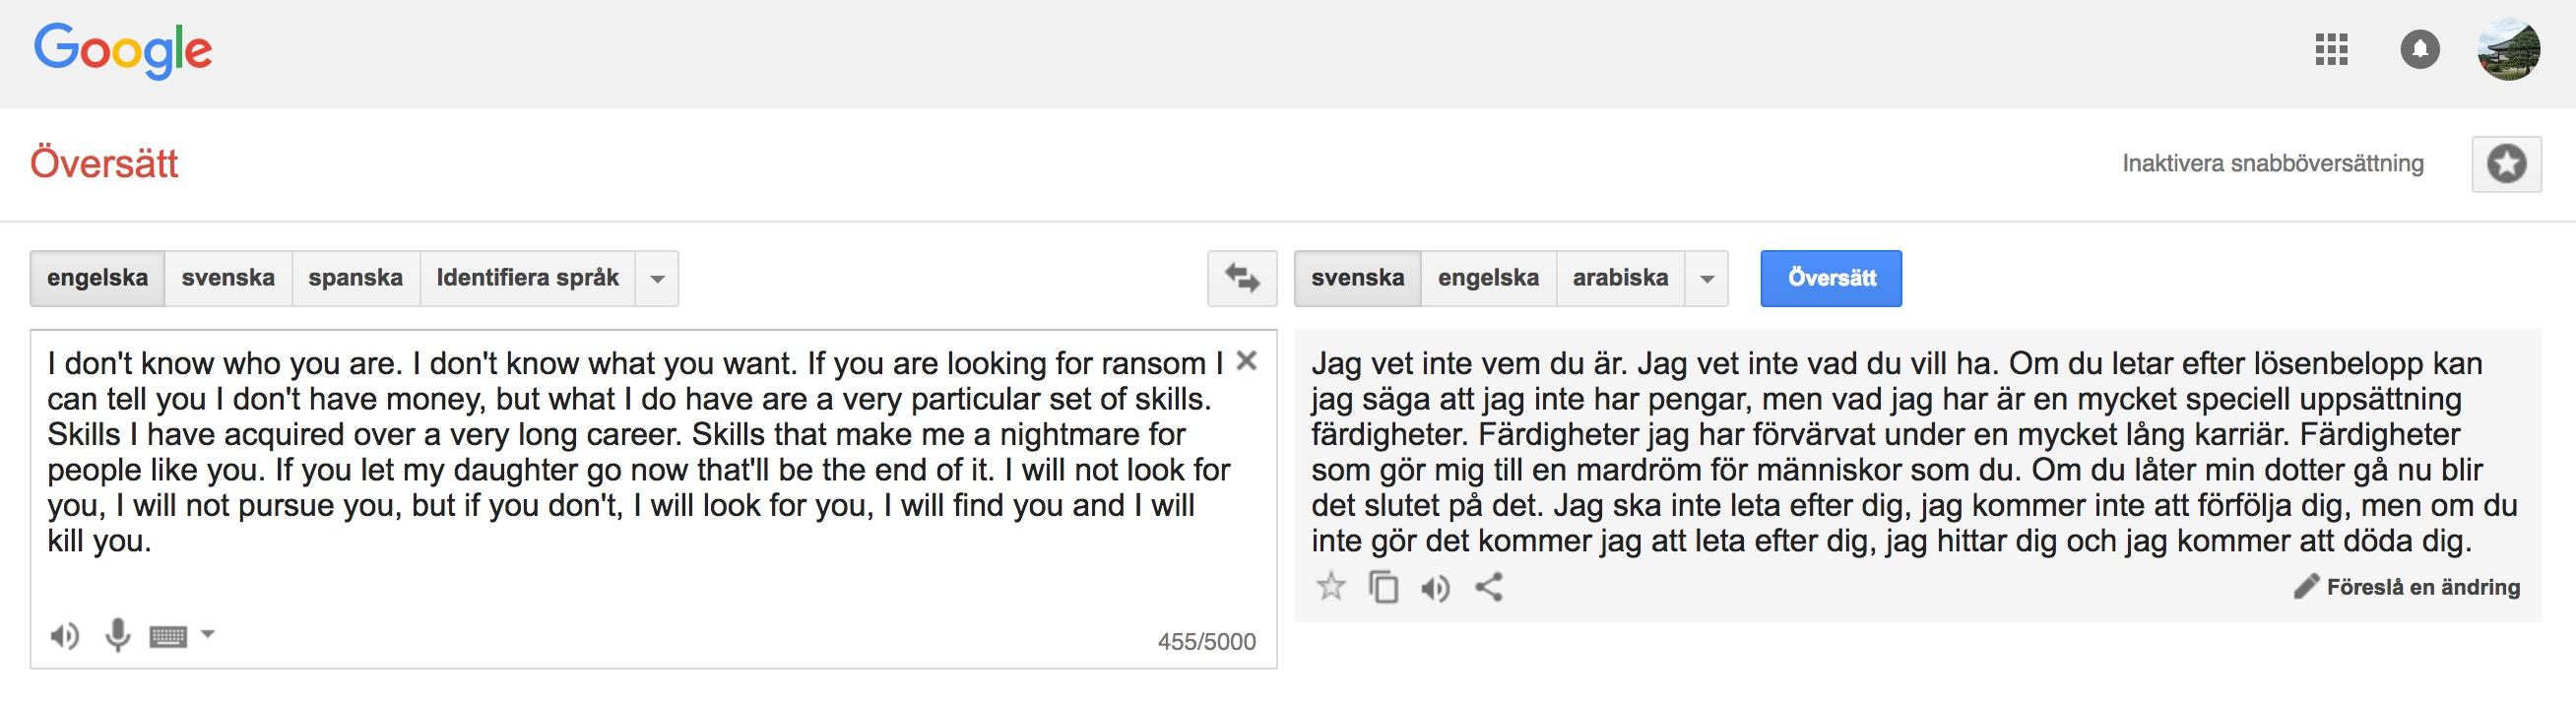 Svenska Finska Translate